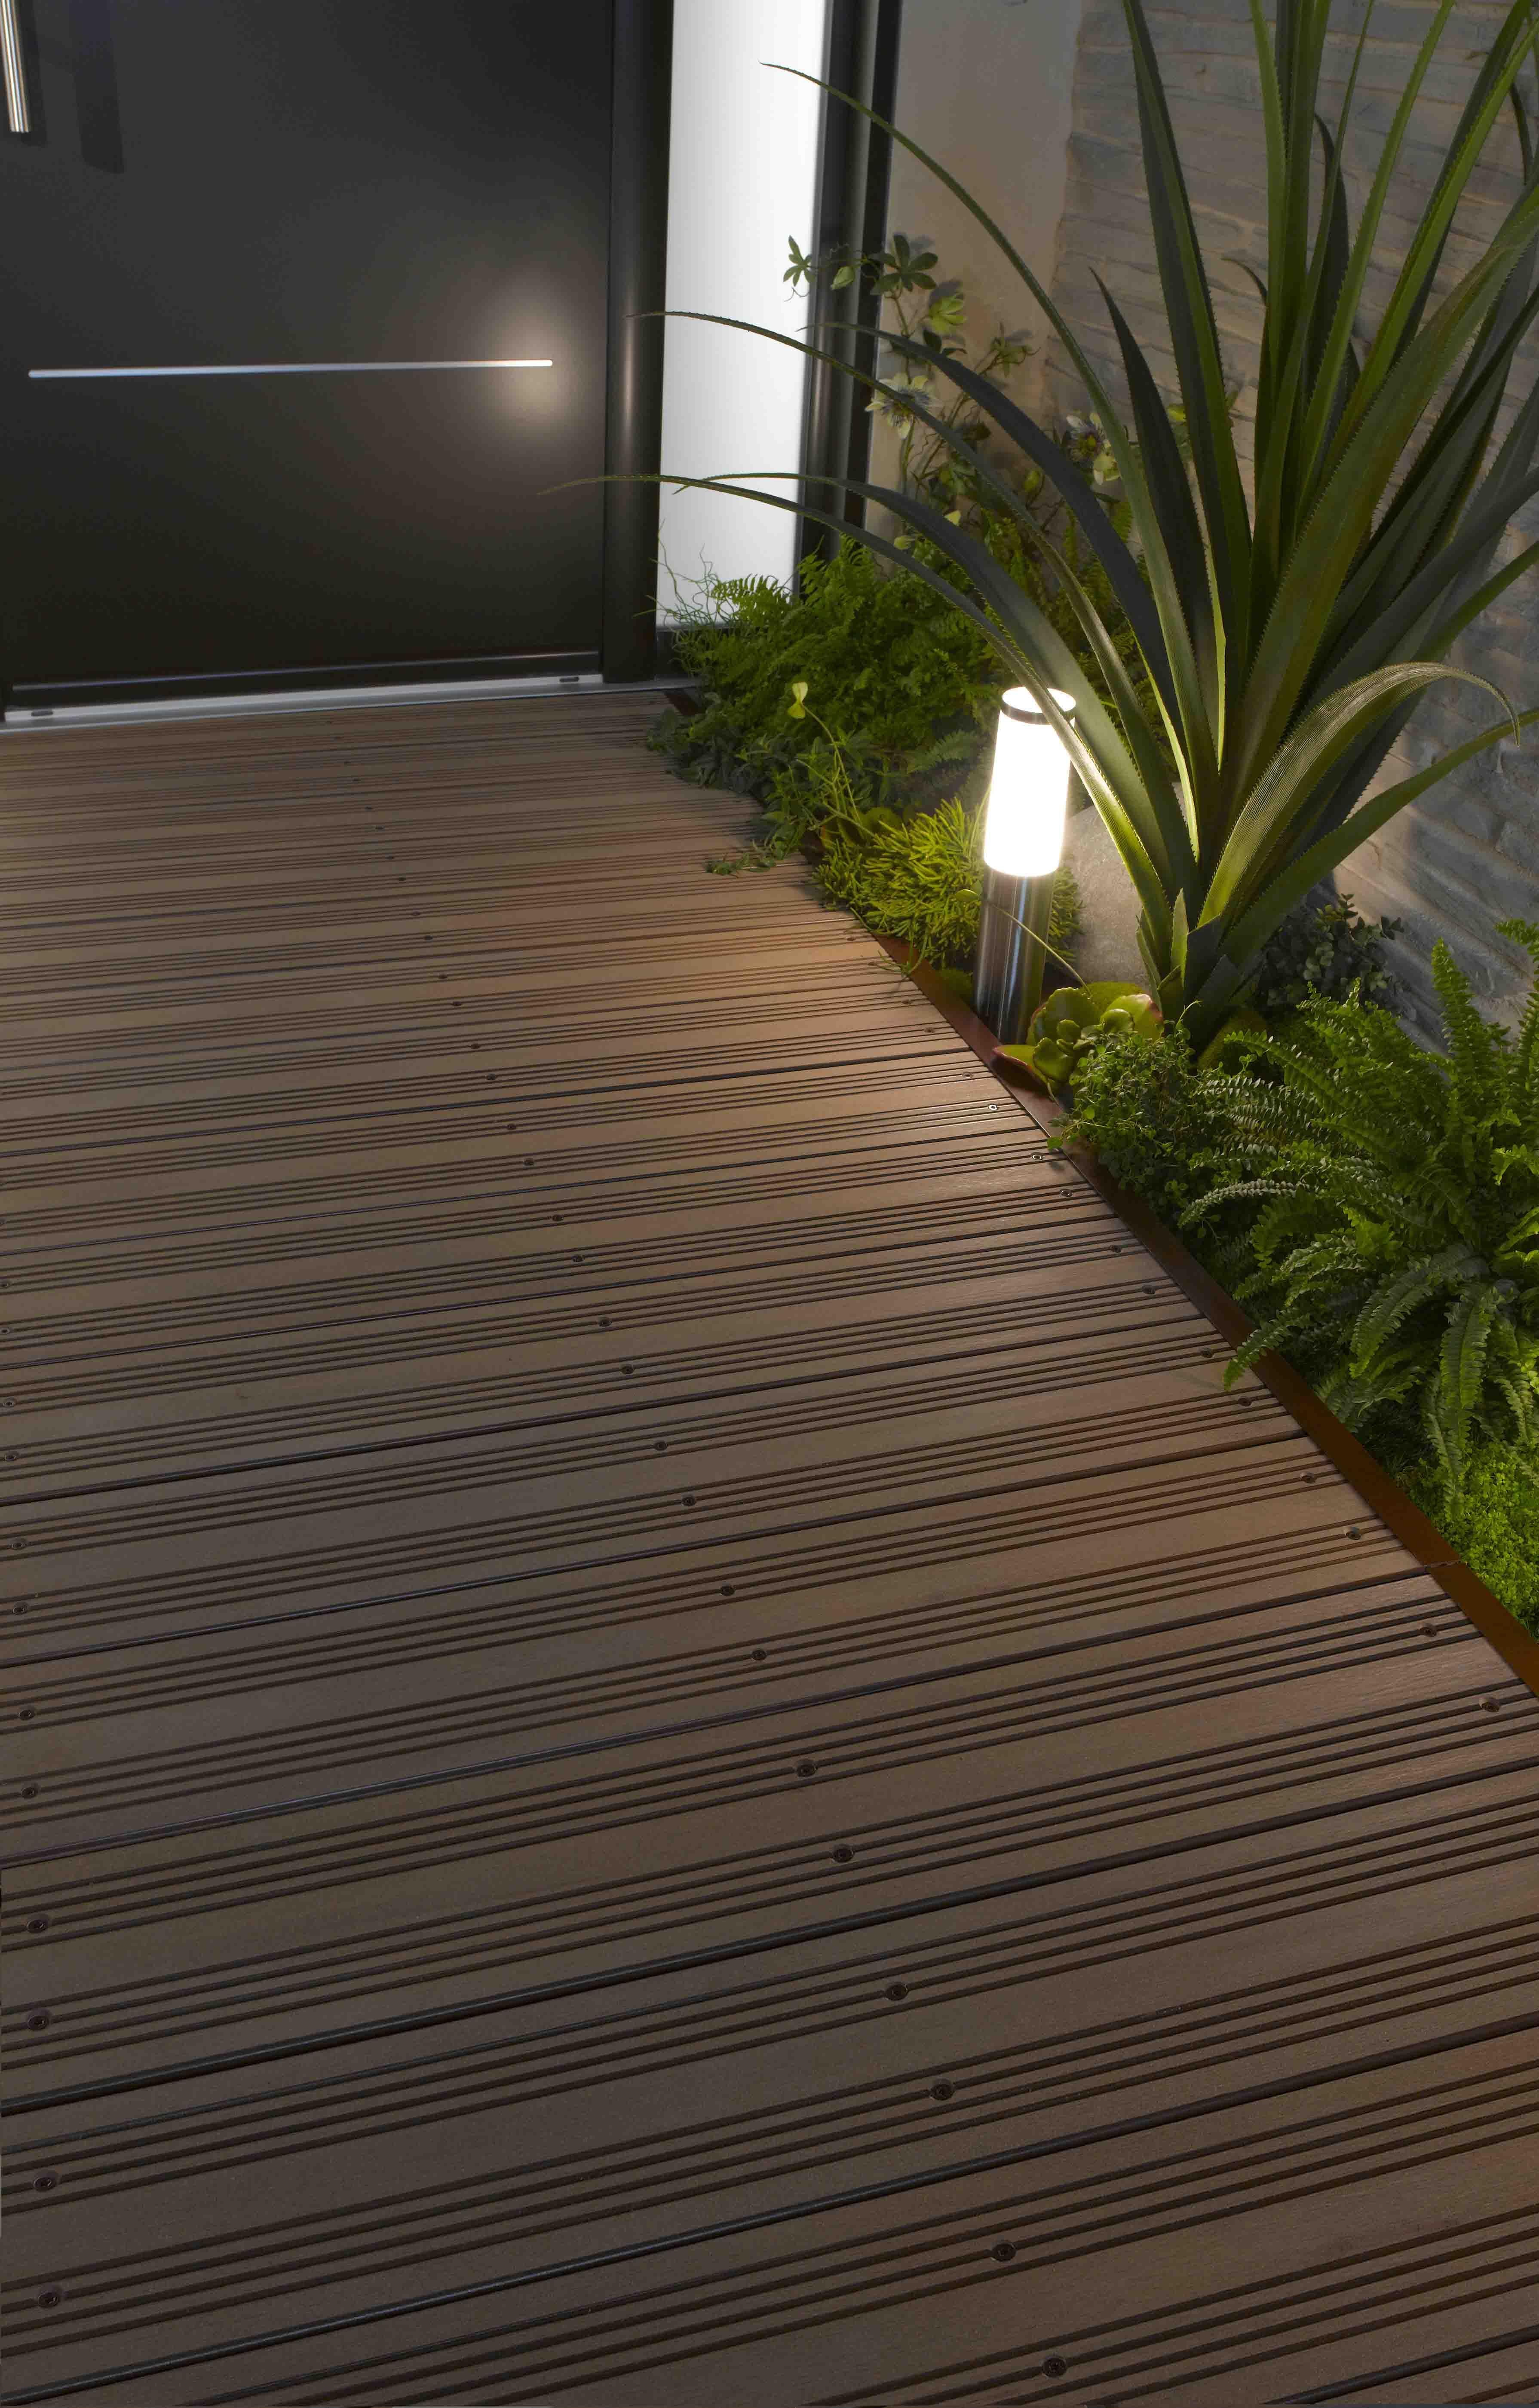 Lame De Terrasse Modele Deck It Easy Http Www Lapeyre Fr Sols Terrasses Et Balcons Modules De Ter Terrasse Jardin Entree De Maison Exterieur Jardin Exterieur